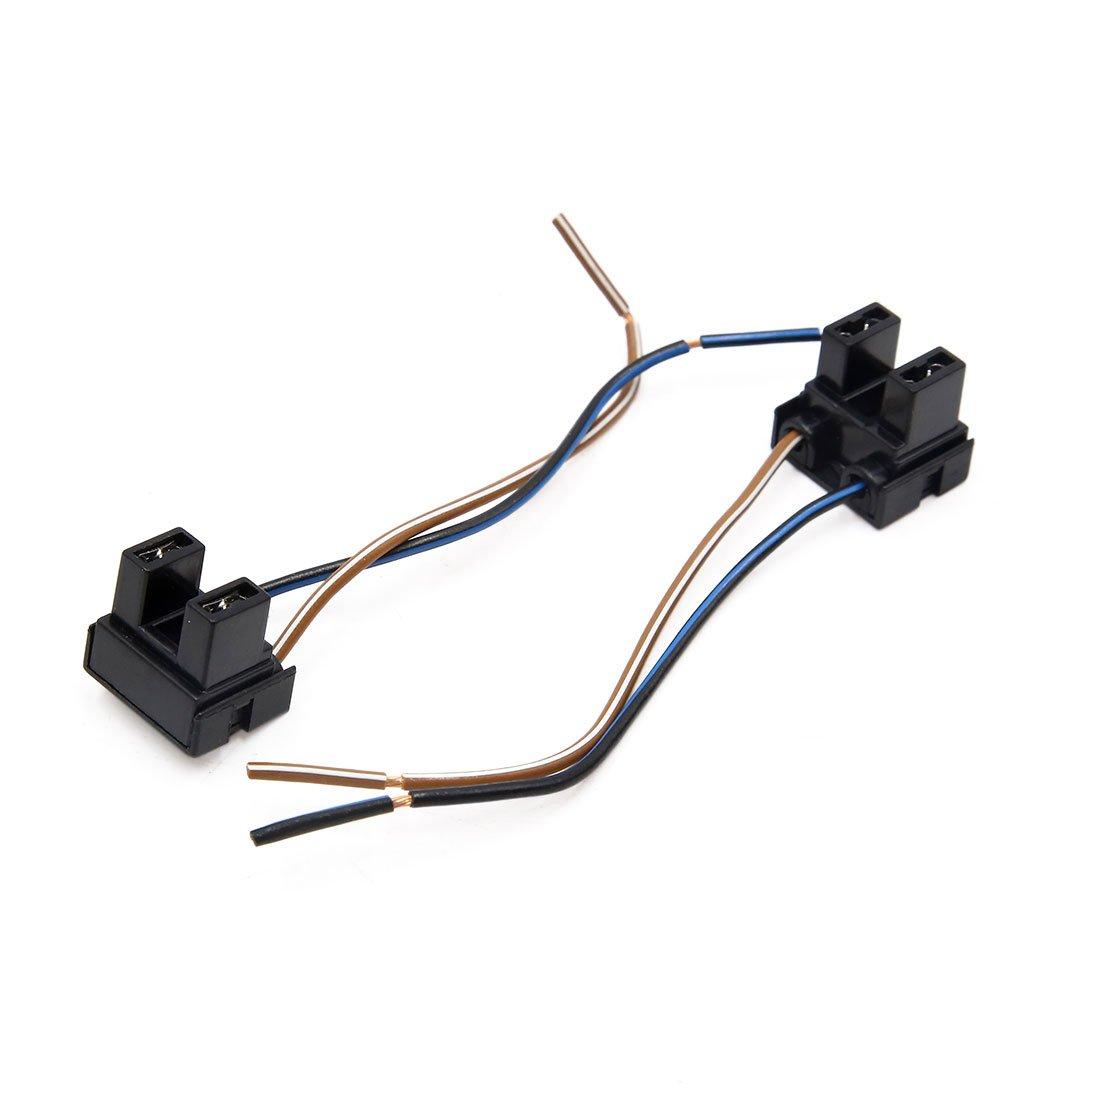 sourcing map 4pcs H7 Ampoule Brouillard Faisceau rallonge Auto Adaptateur Connecteur Femelle